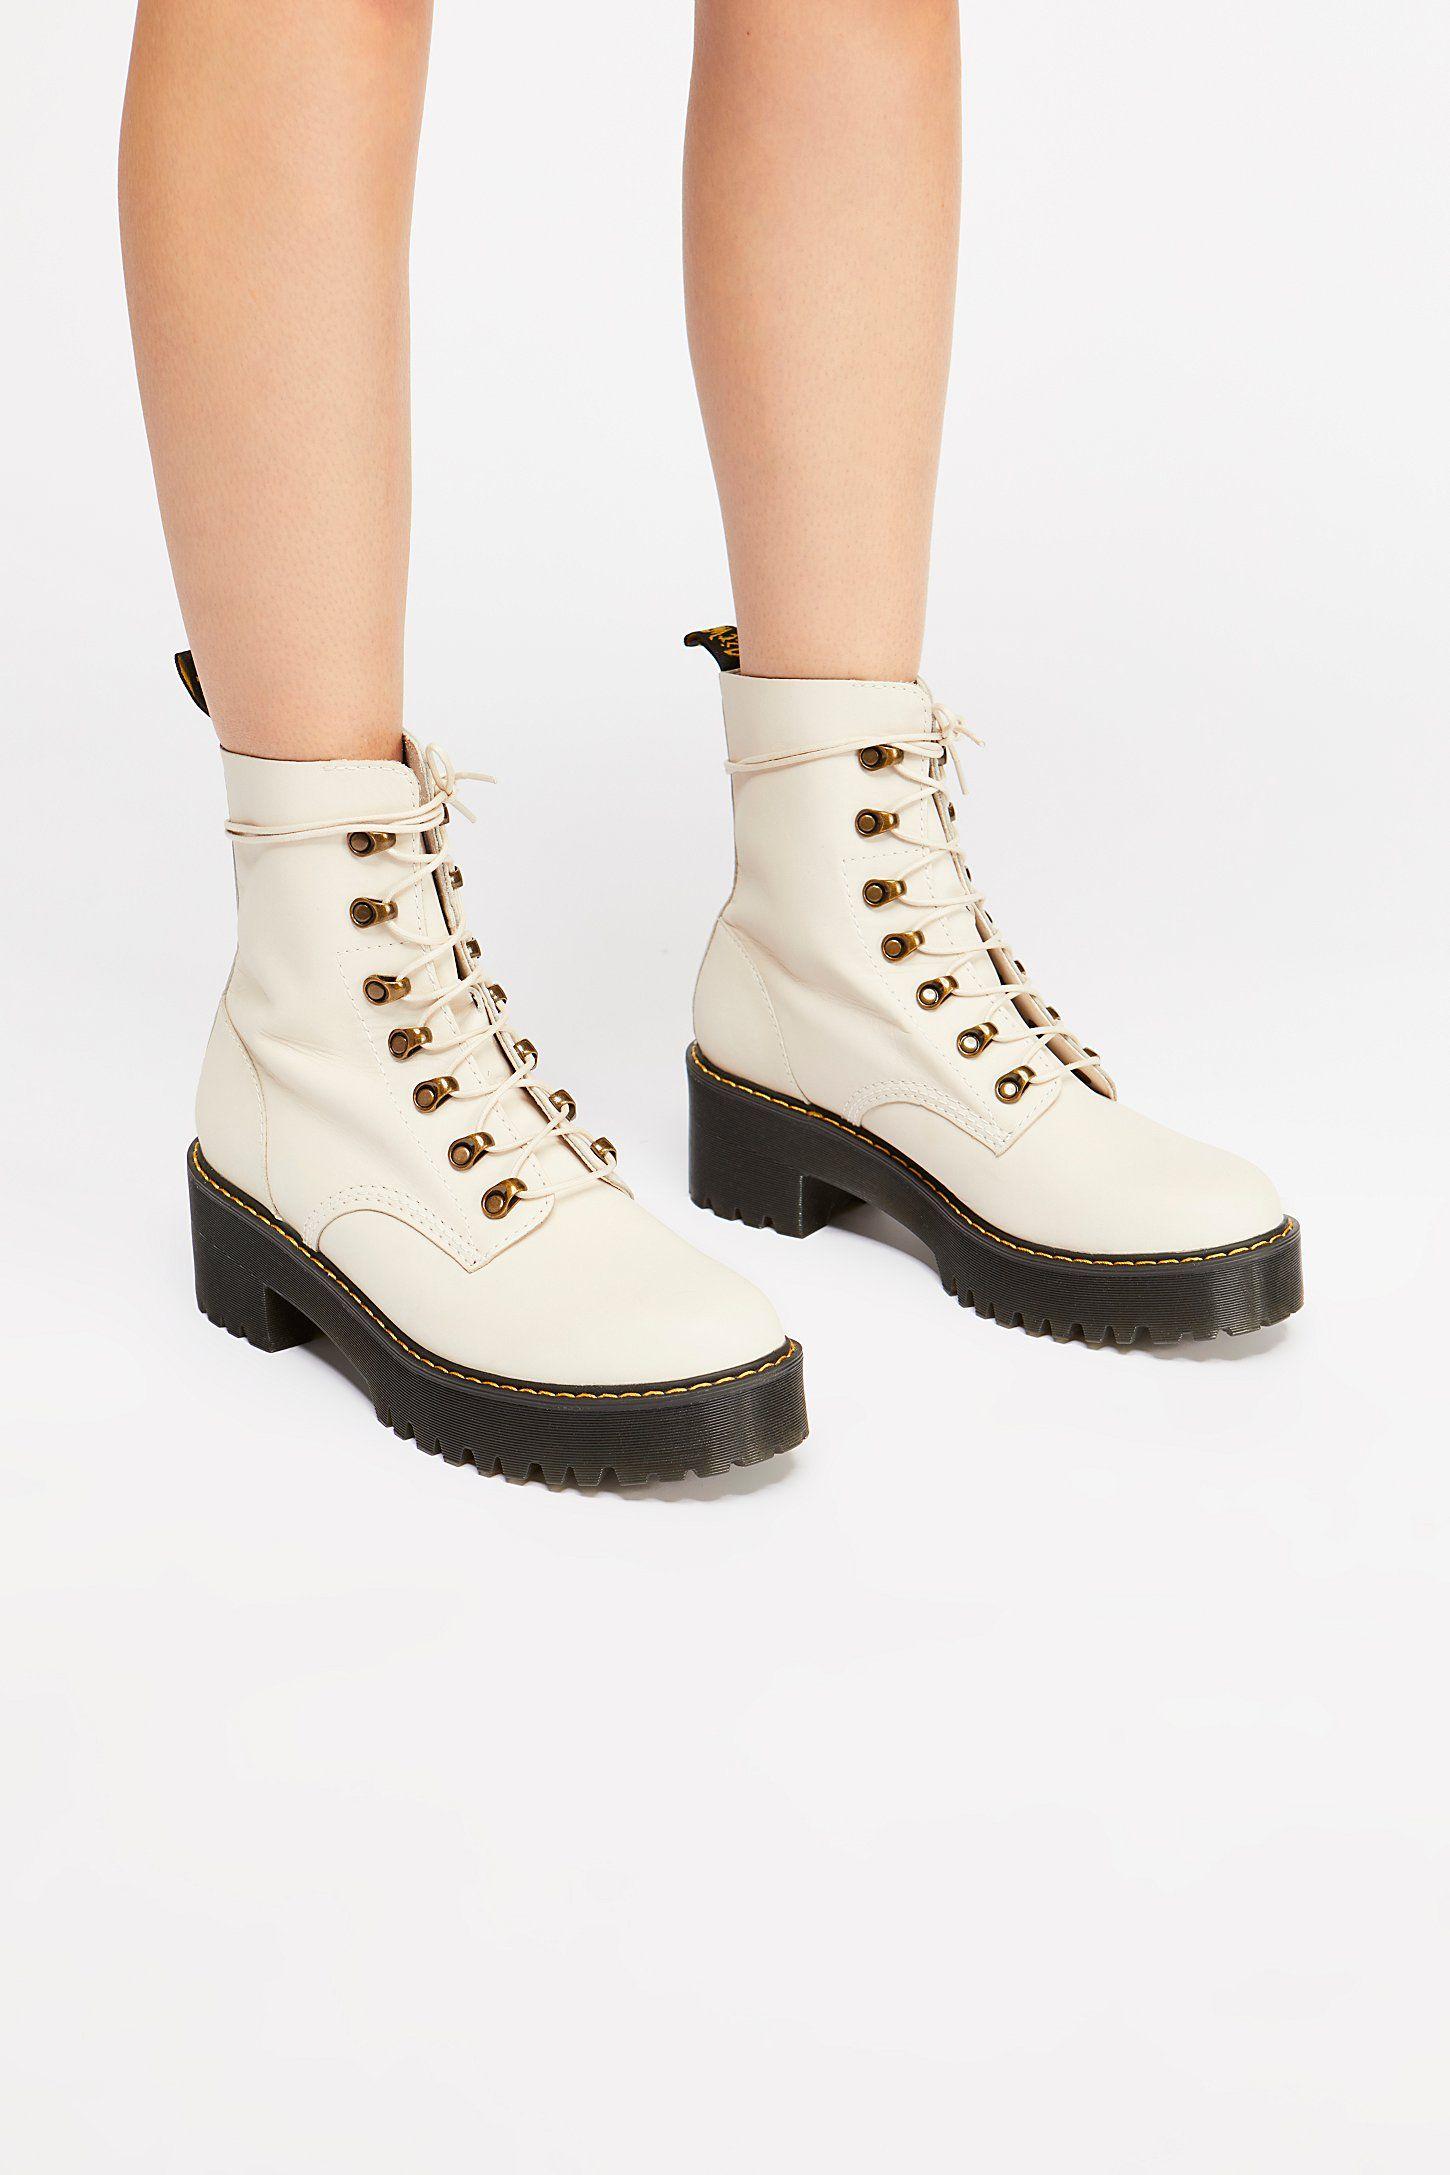 4e86fd6b0 Dr. Martens Leona Platform Ankle Boot in 2019 | Shoes | Platform ...